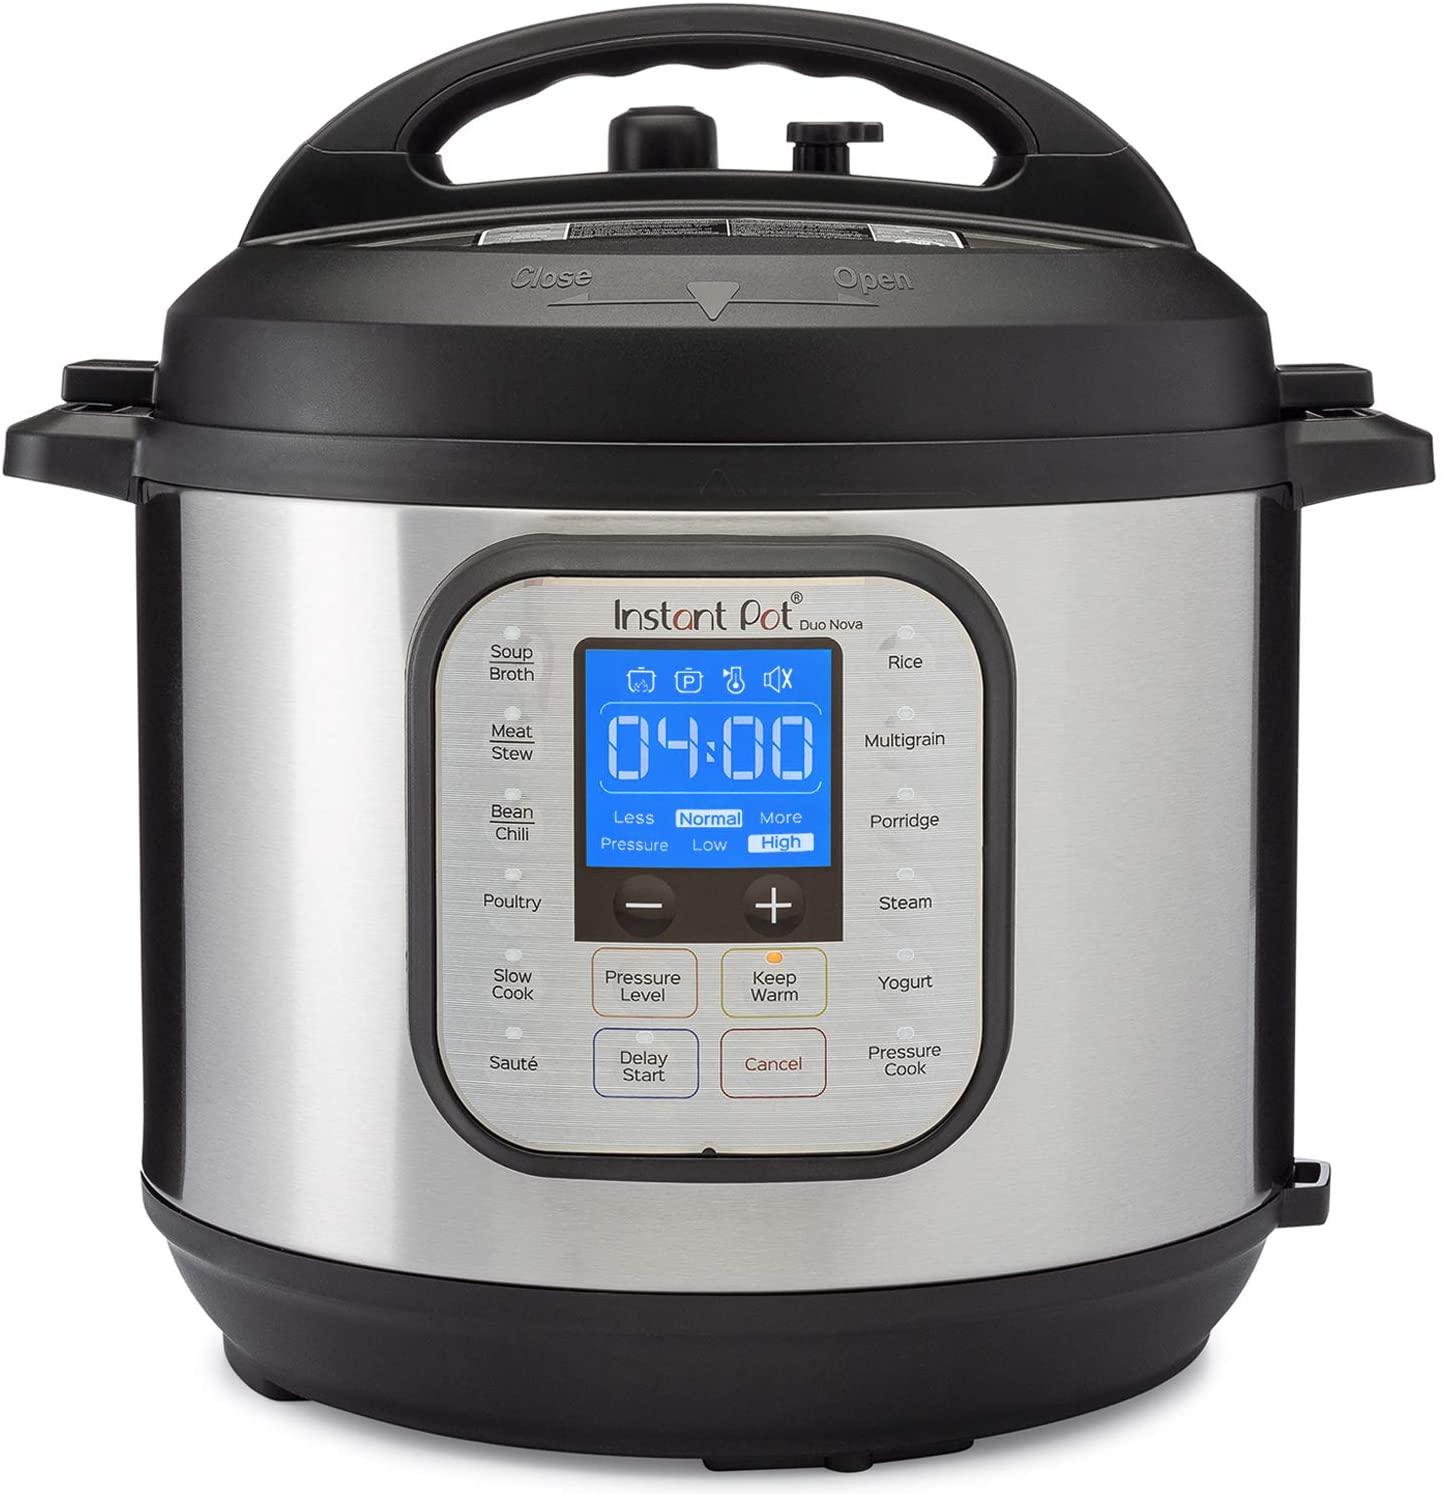 缩略图 | 历史新低!仅限今日!华人最爱电压力锅Instant Pot 79.98加元包邮!原价129.97刀!